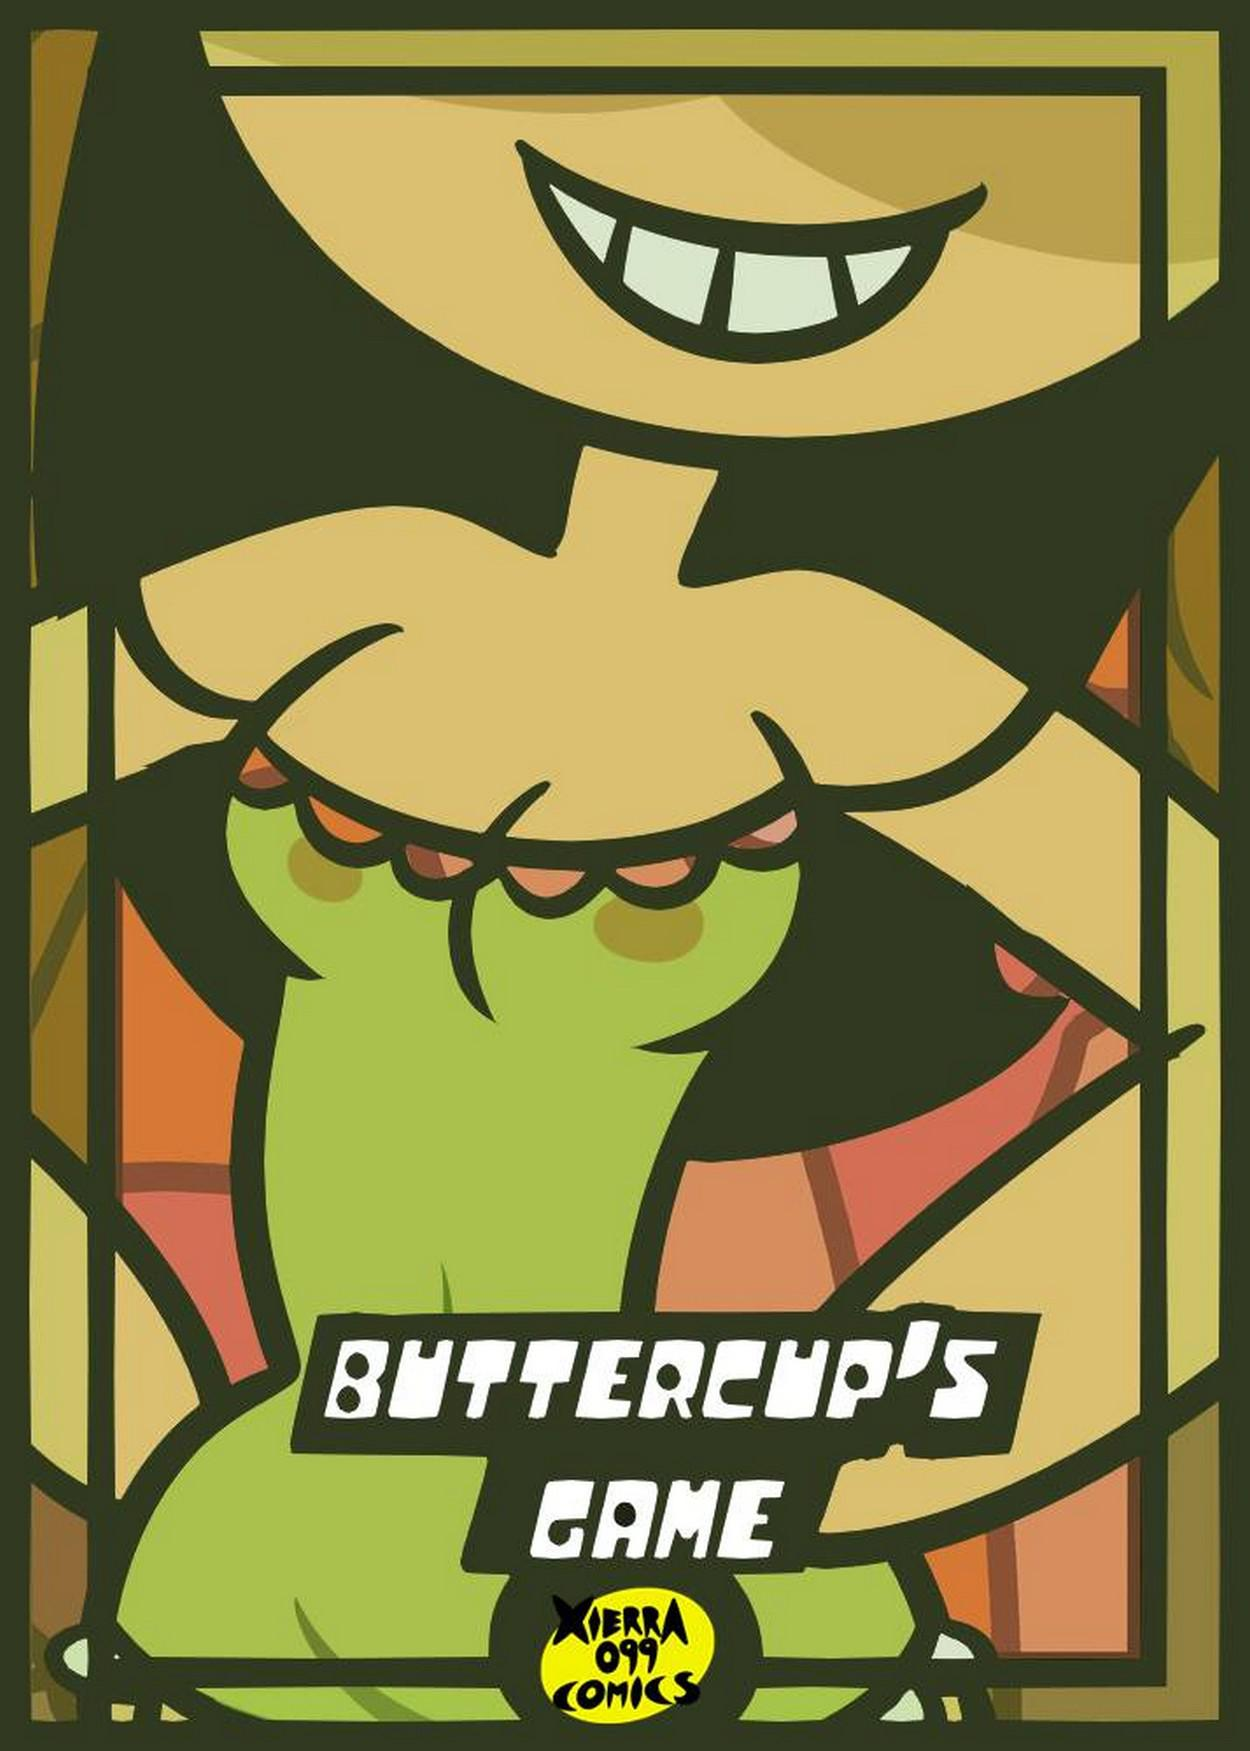 las chicas Superpoderosas Buttercup game